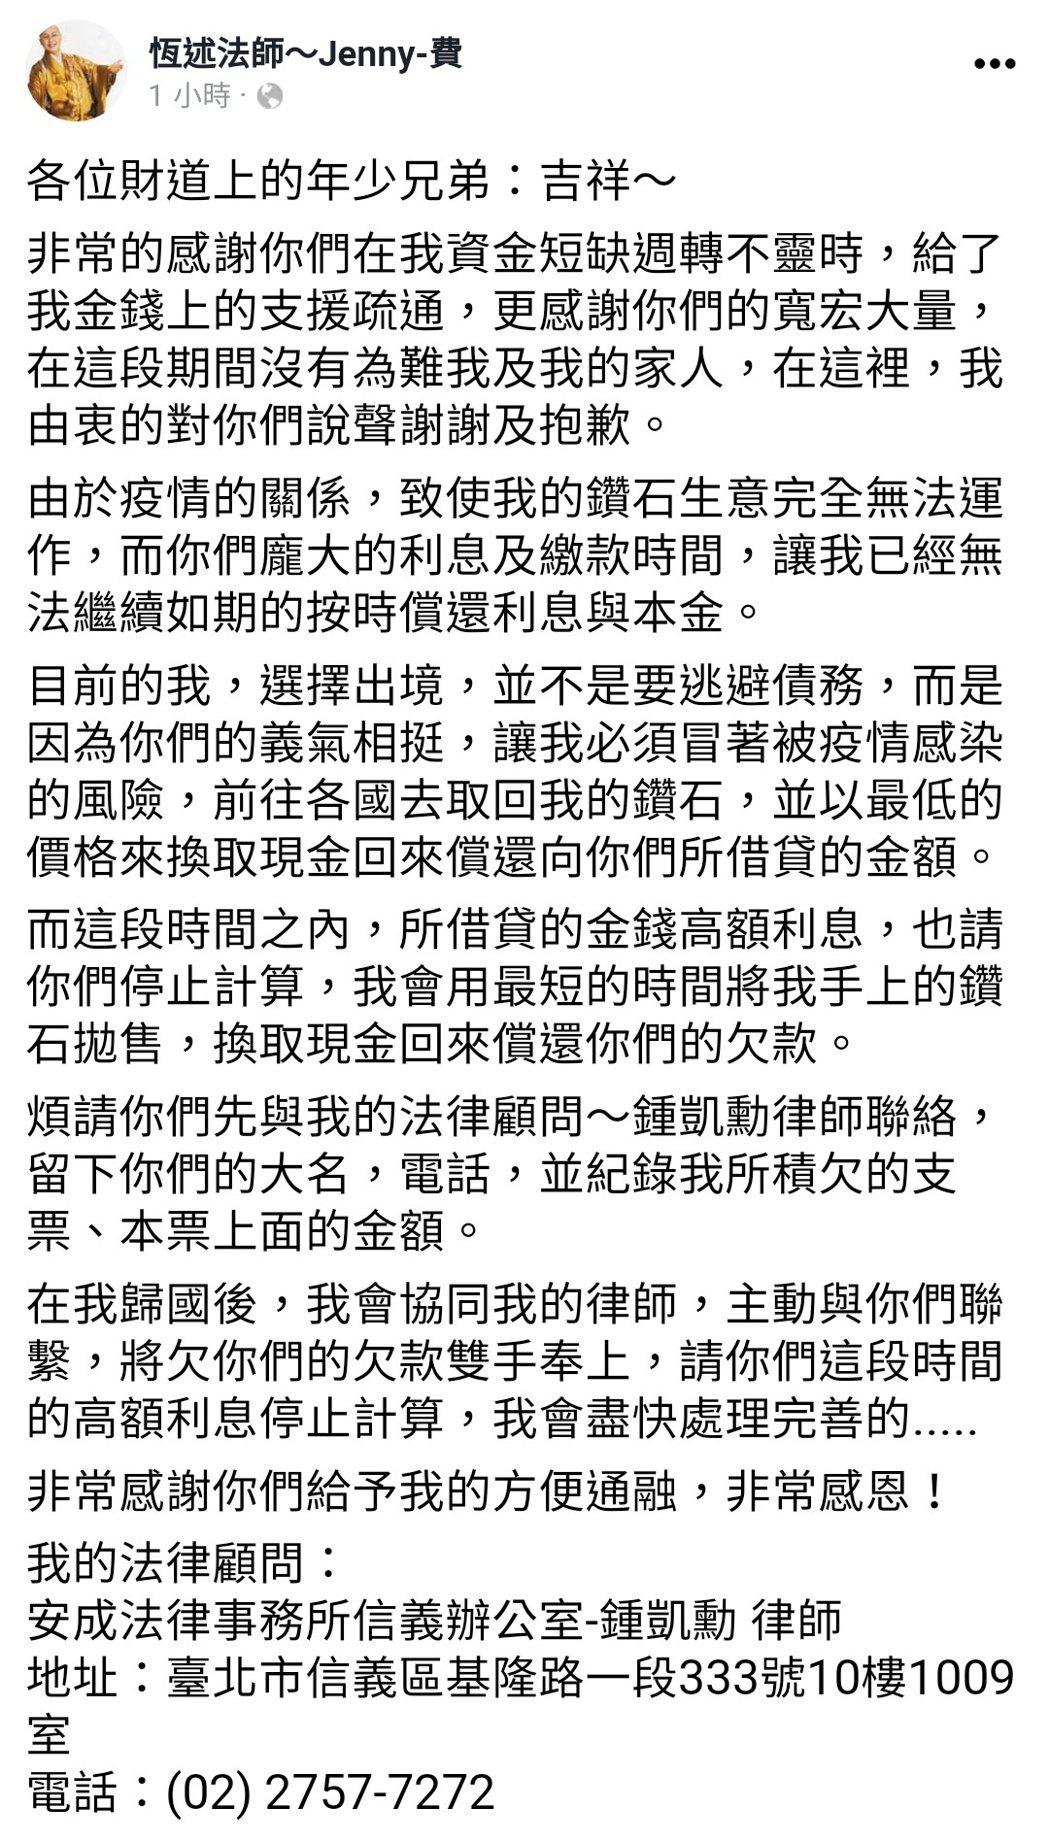 恆述法師呼籲債主能停止計算高額利息。 圖/擷自臉書